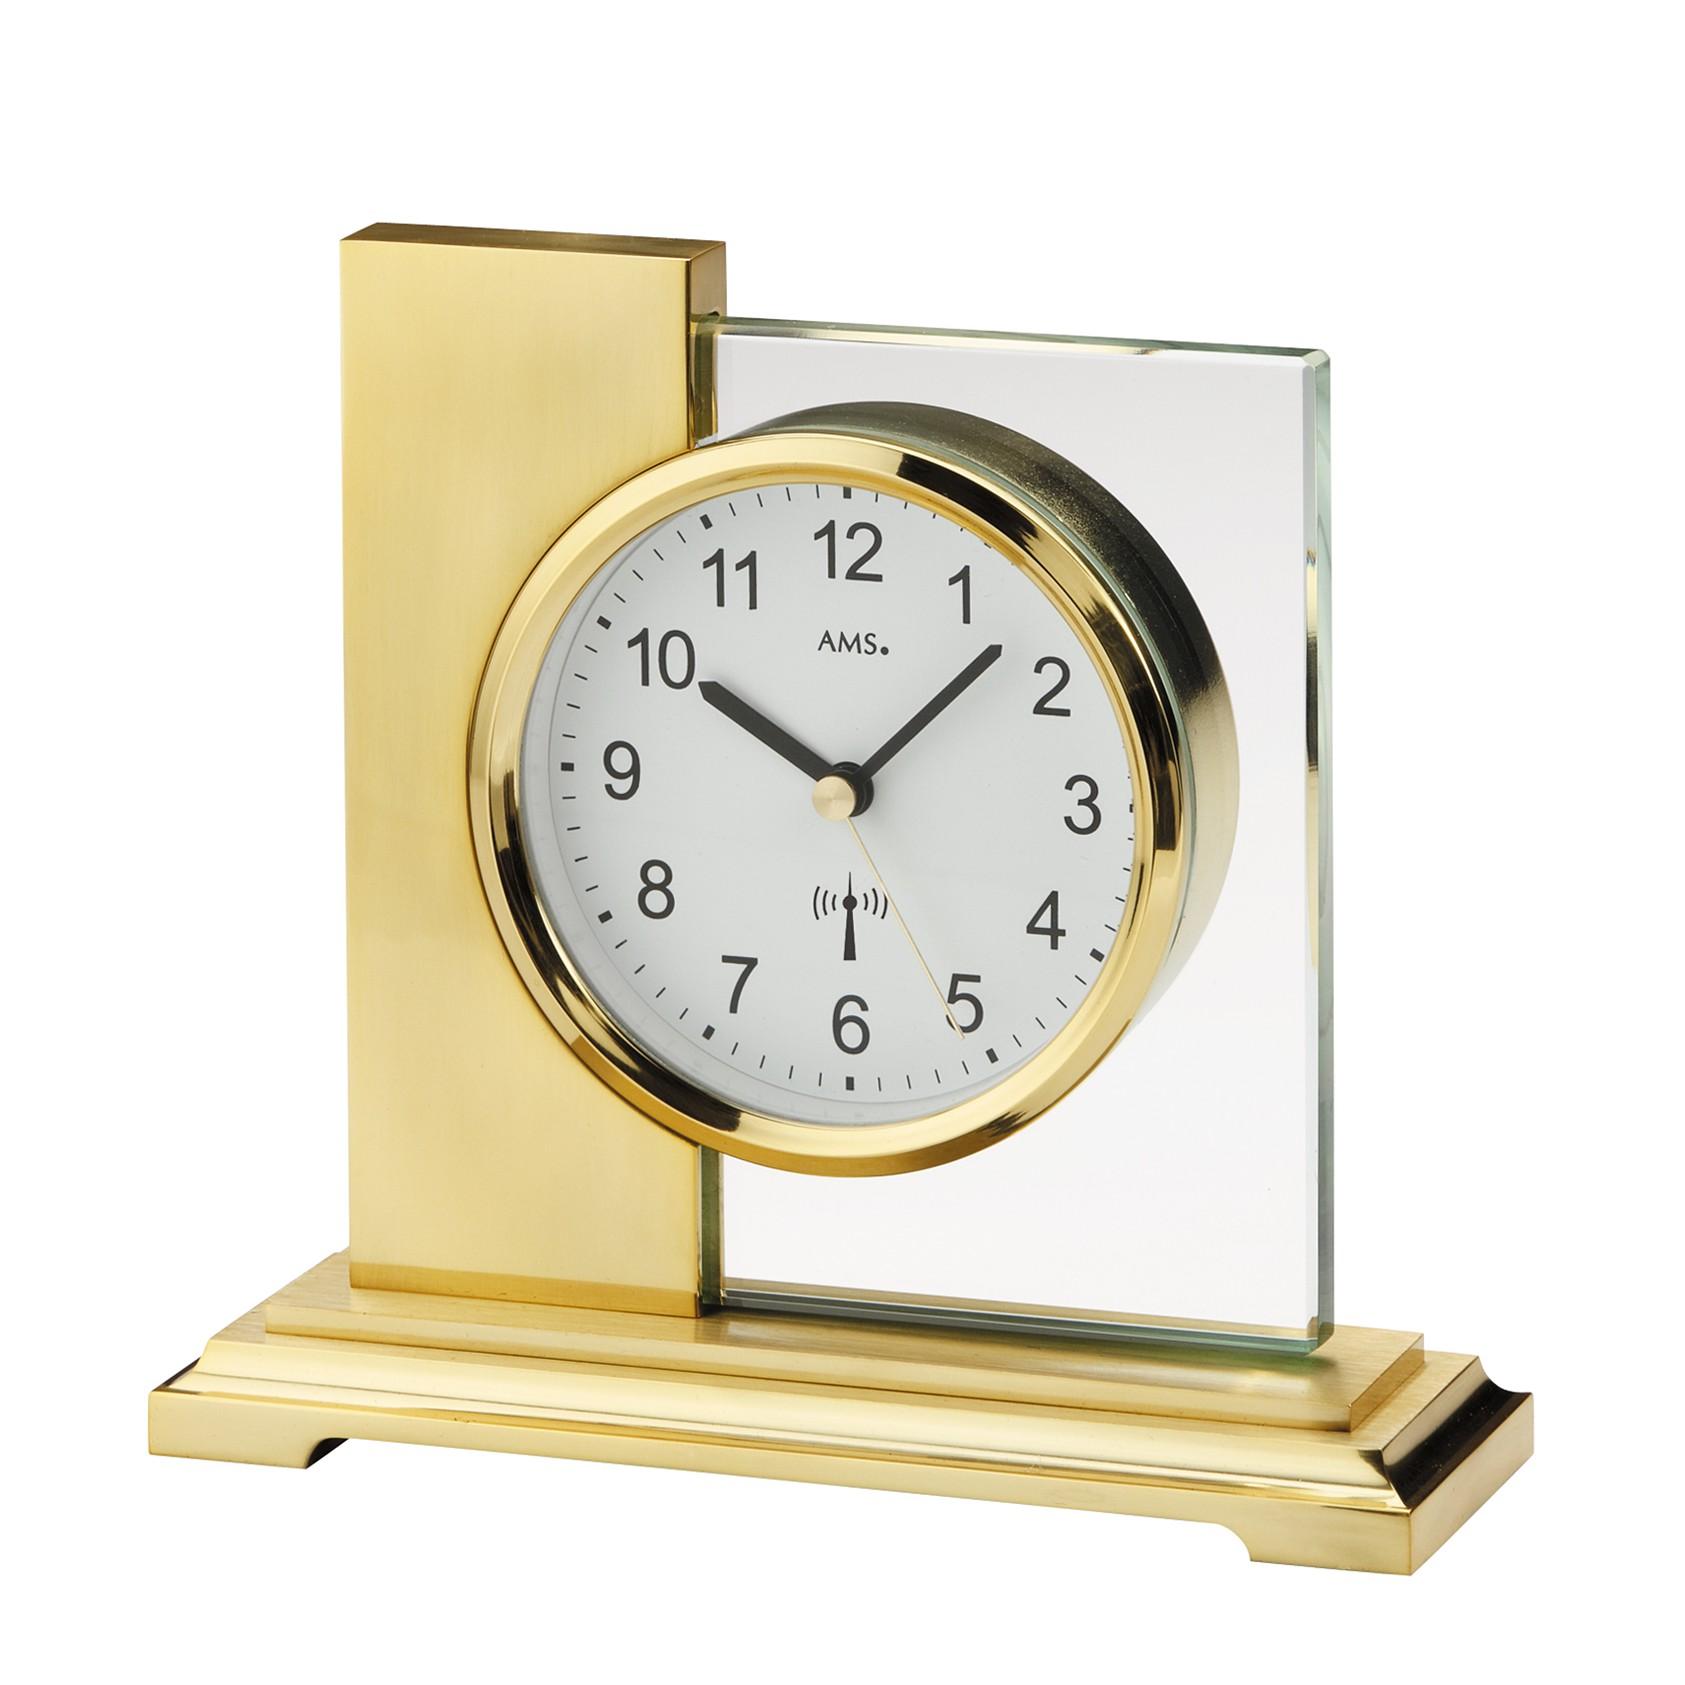 home24 Tischuhr Ponte Nova | Dekoration > Uhren > Standuhren | Ams